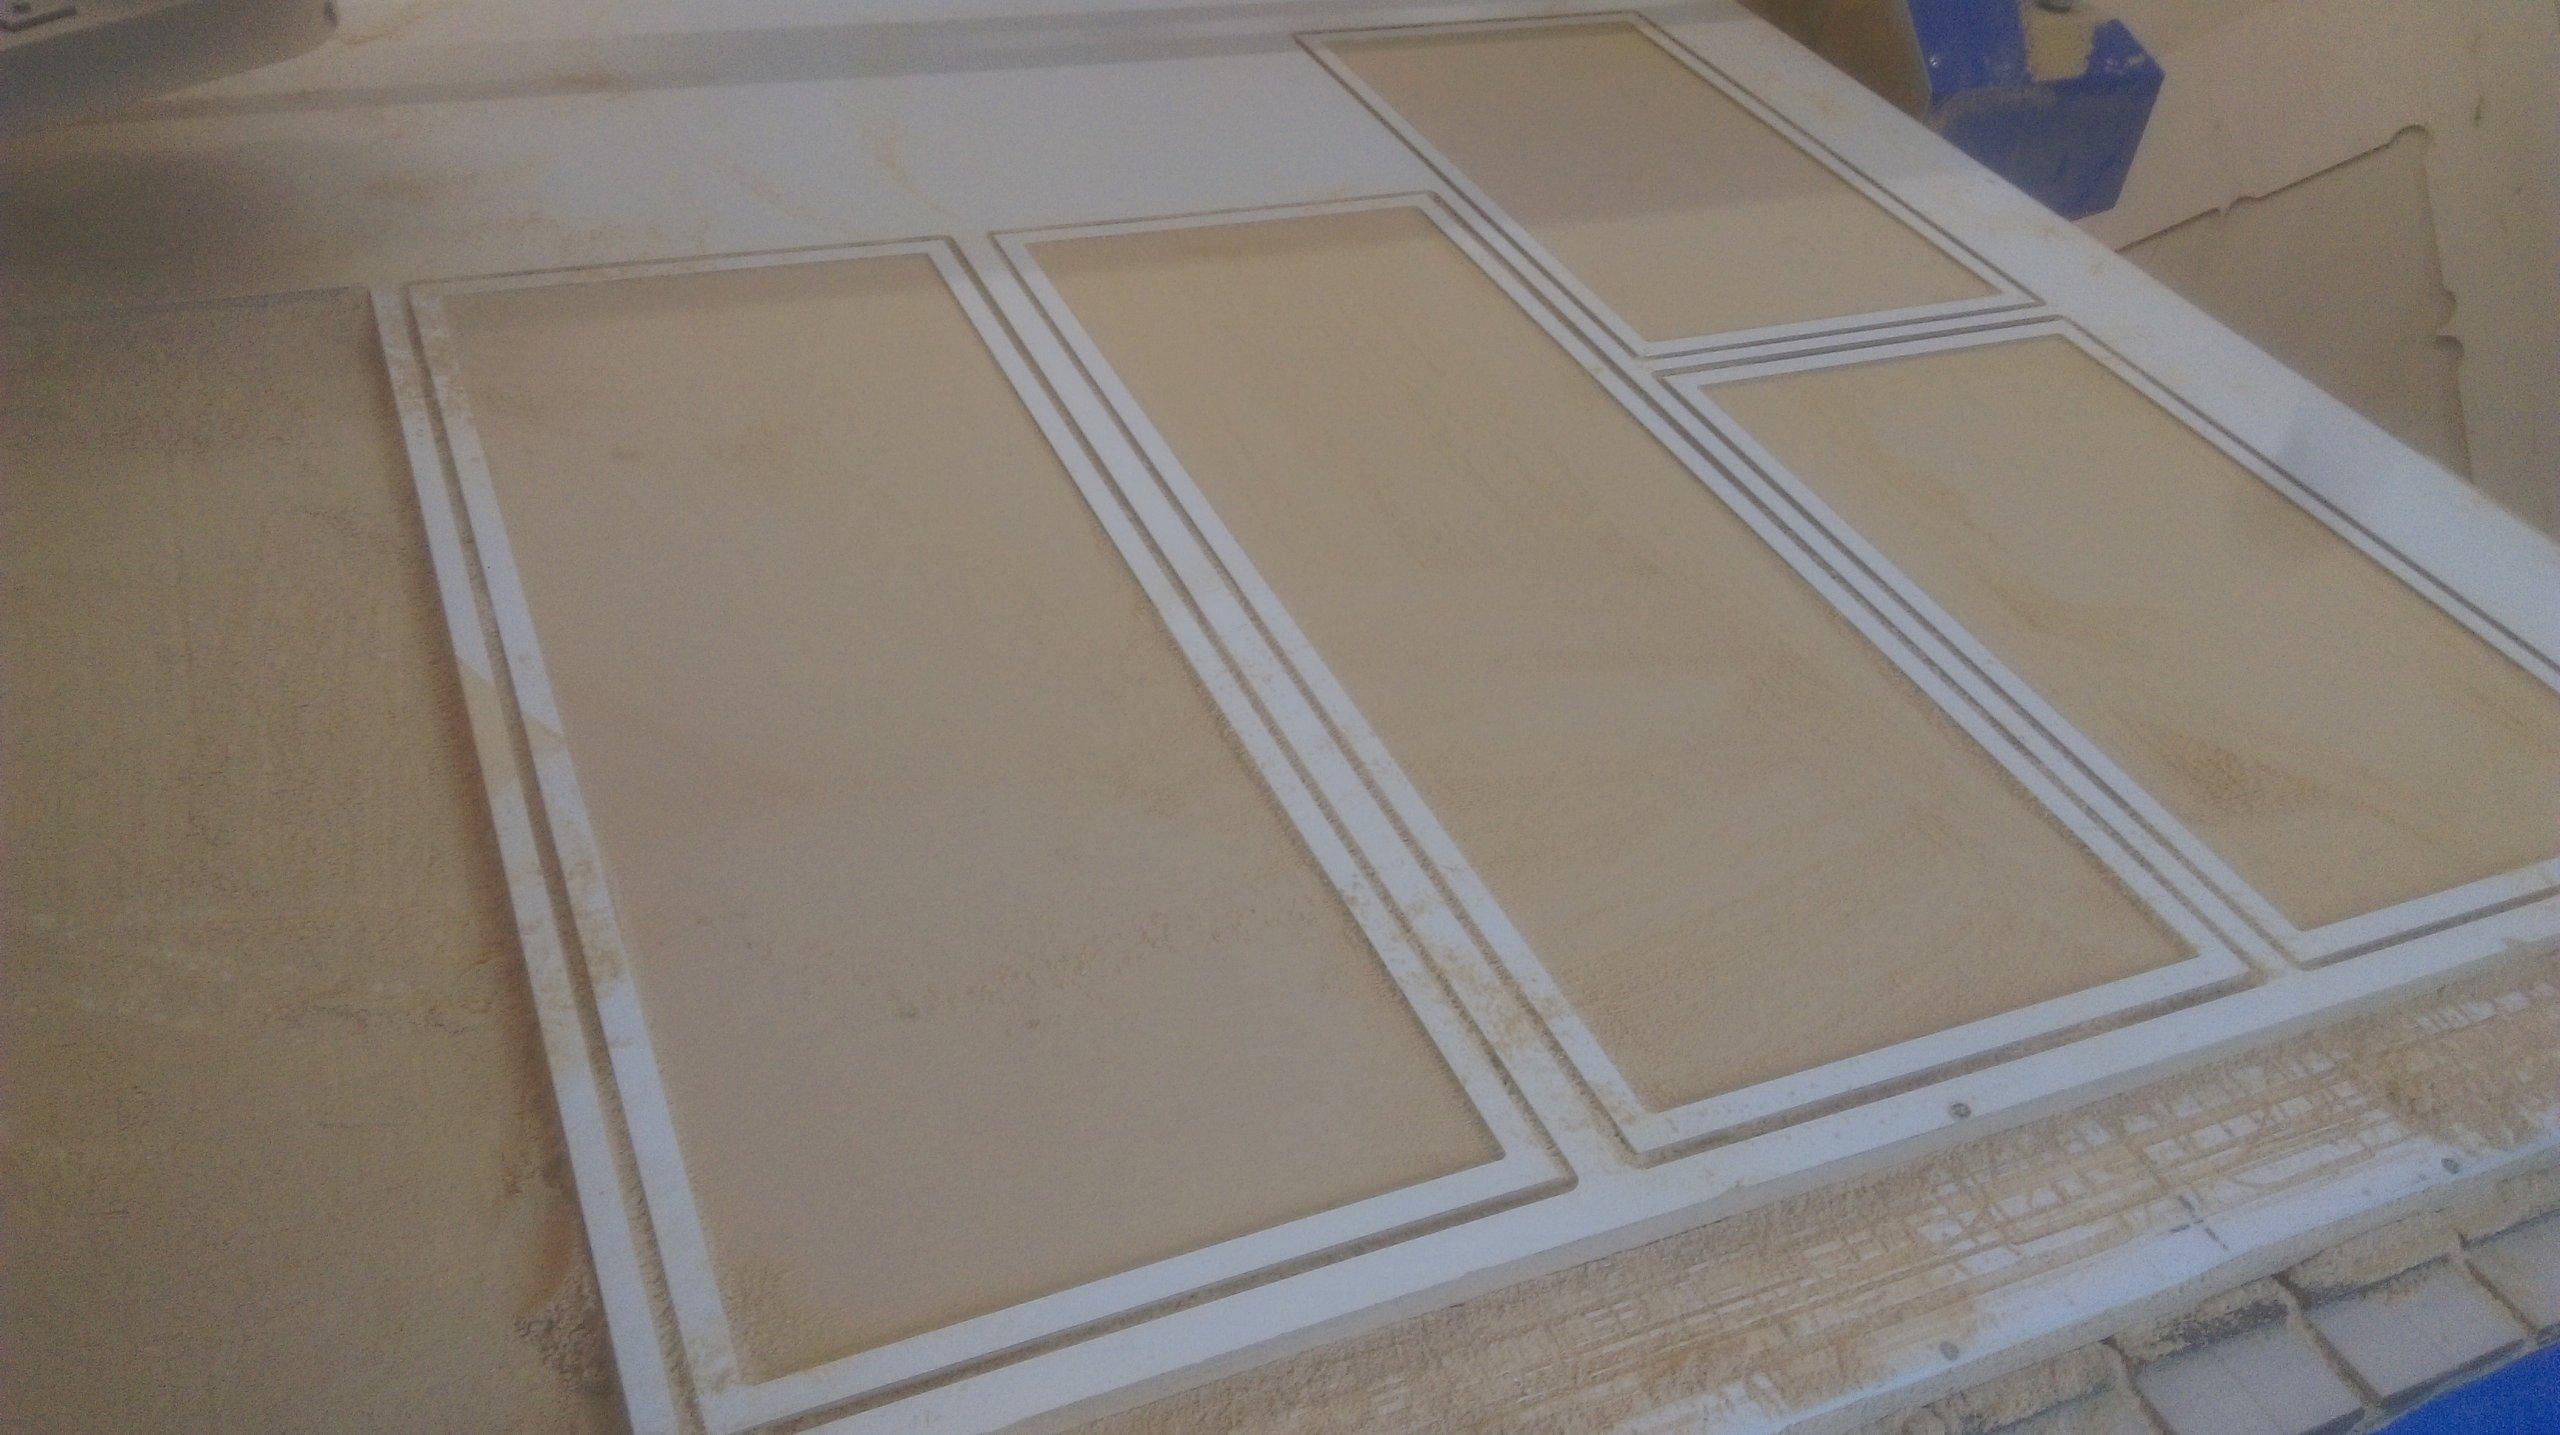 Bardzo dobry Usługi CNC frezowanie, drewno, tworzywo sztuczne - 7400296520 NY42